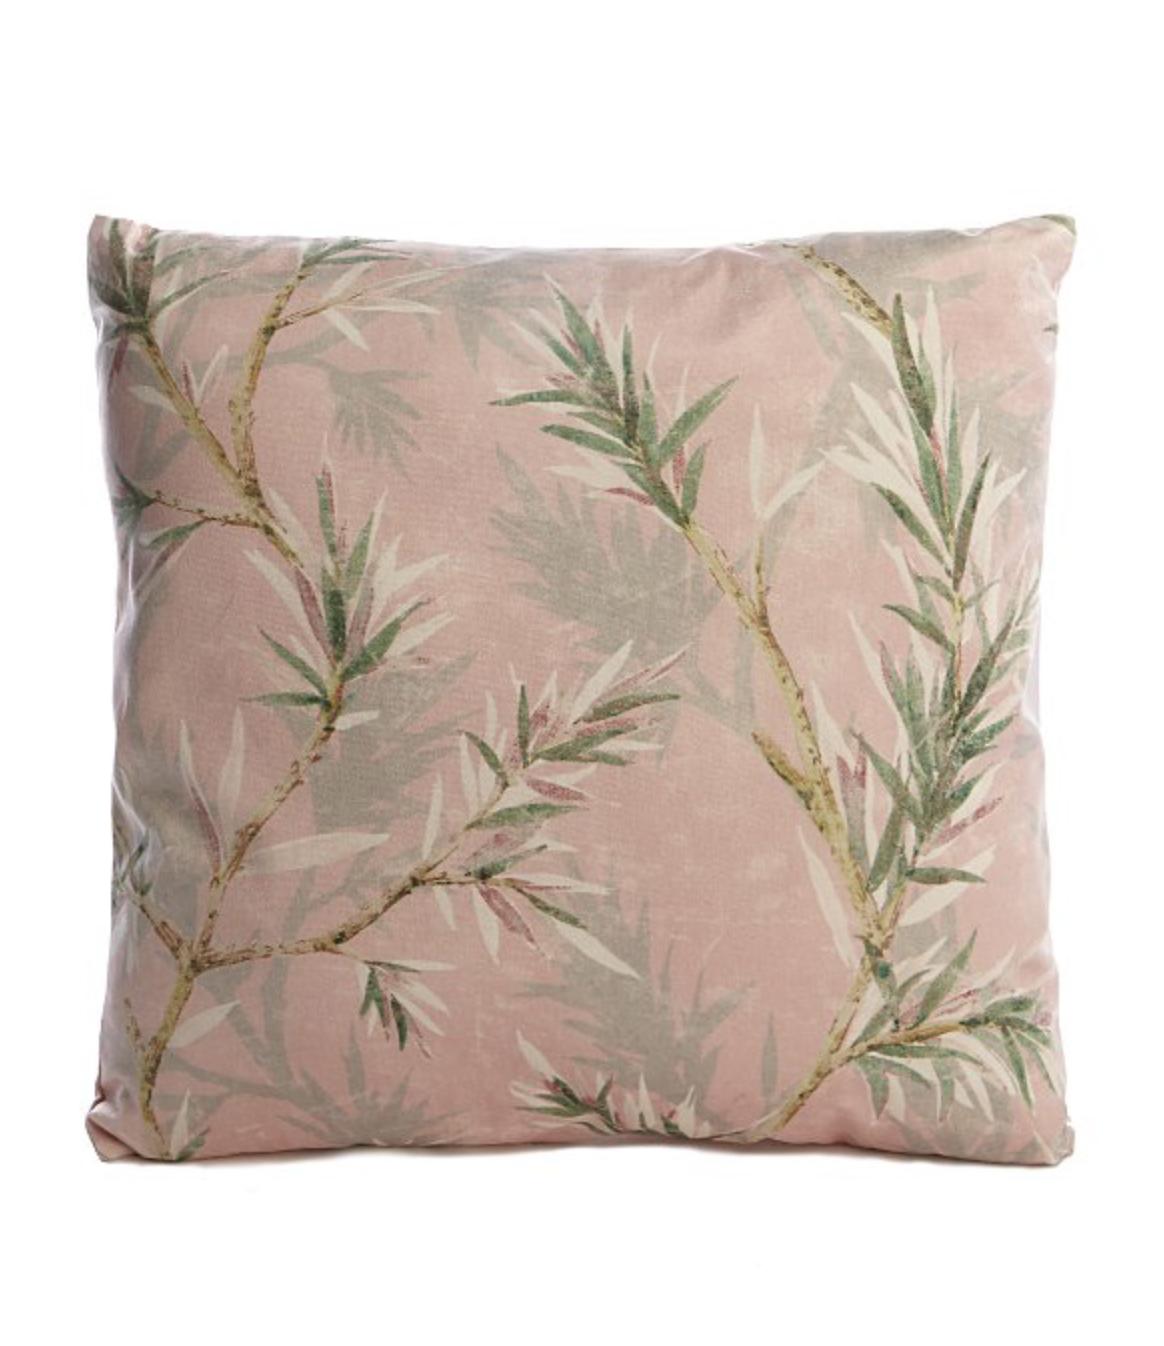 Pink Bamboo Cushion - £5